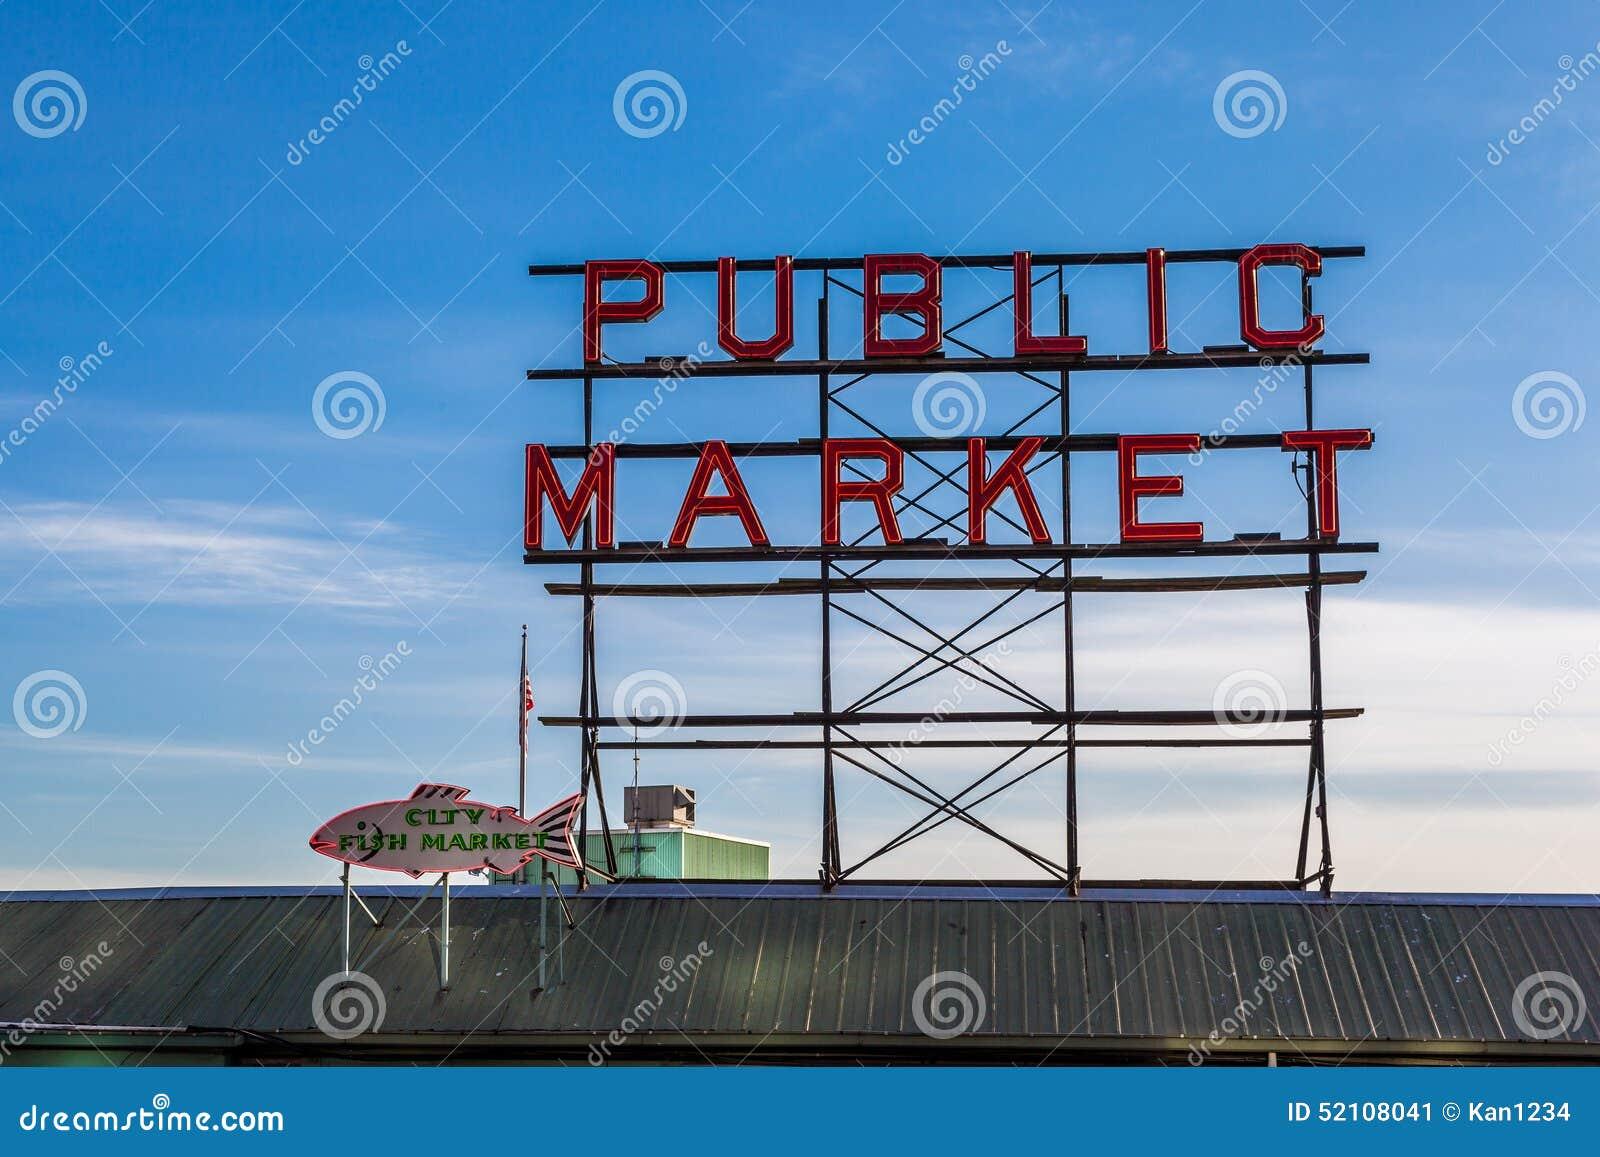 Рыбный базар места Pike подписывает внутри городской Сиэтл